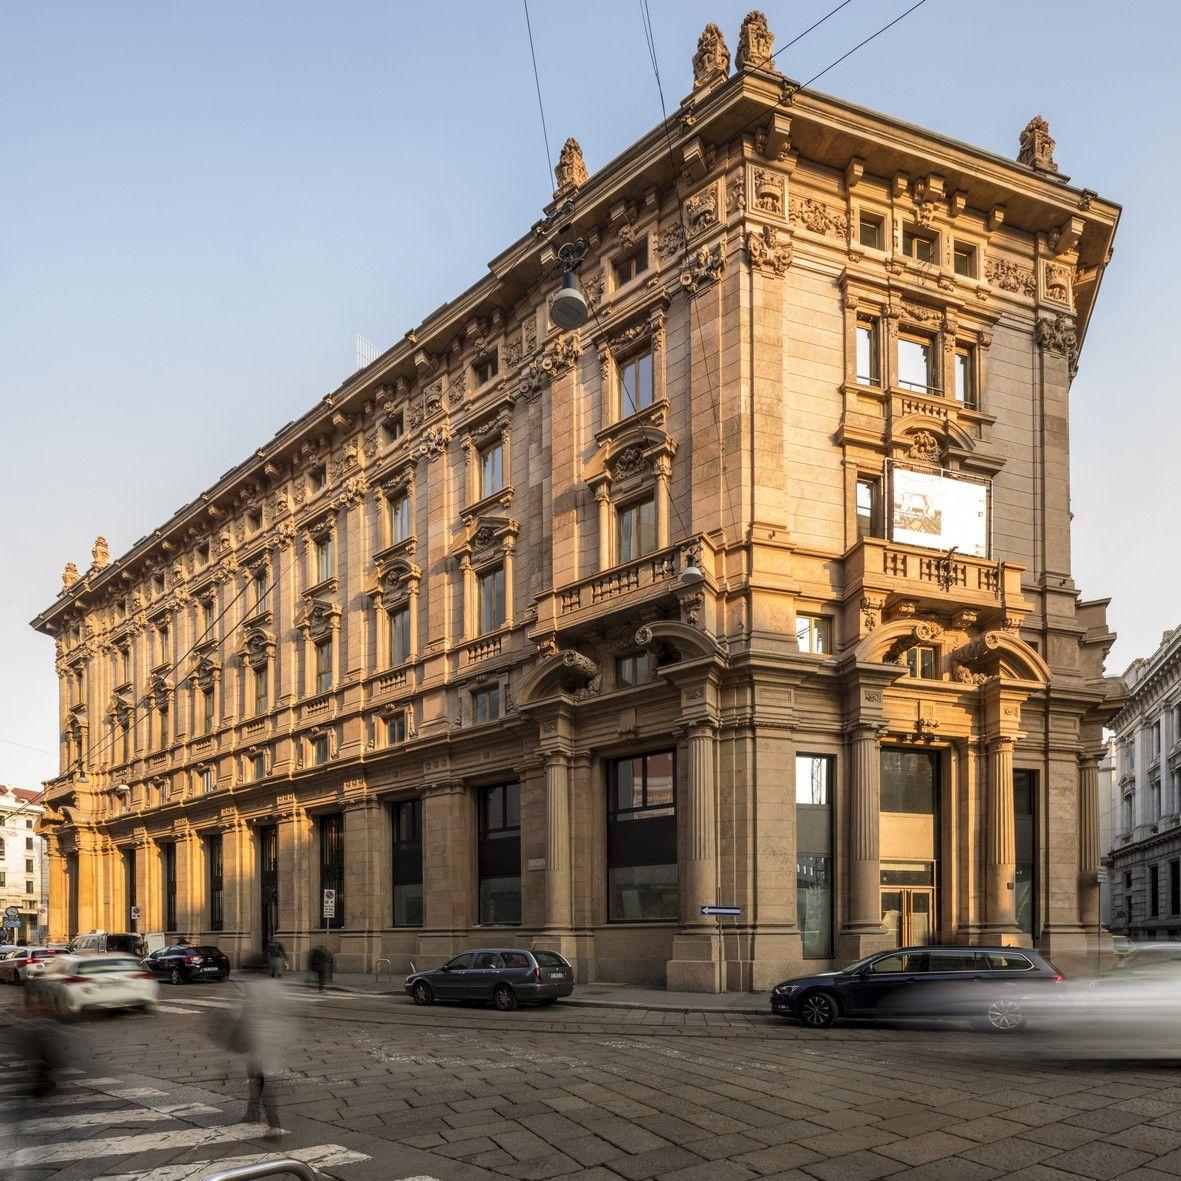 Ristrutturazione Palazzo Piazza Cordusio, 3 - image 2